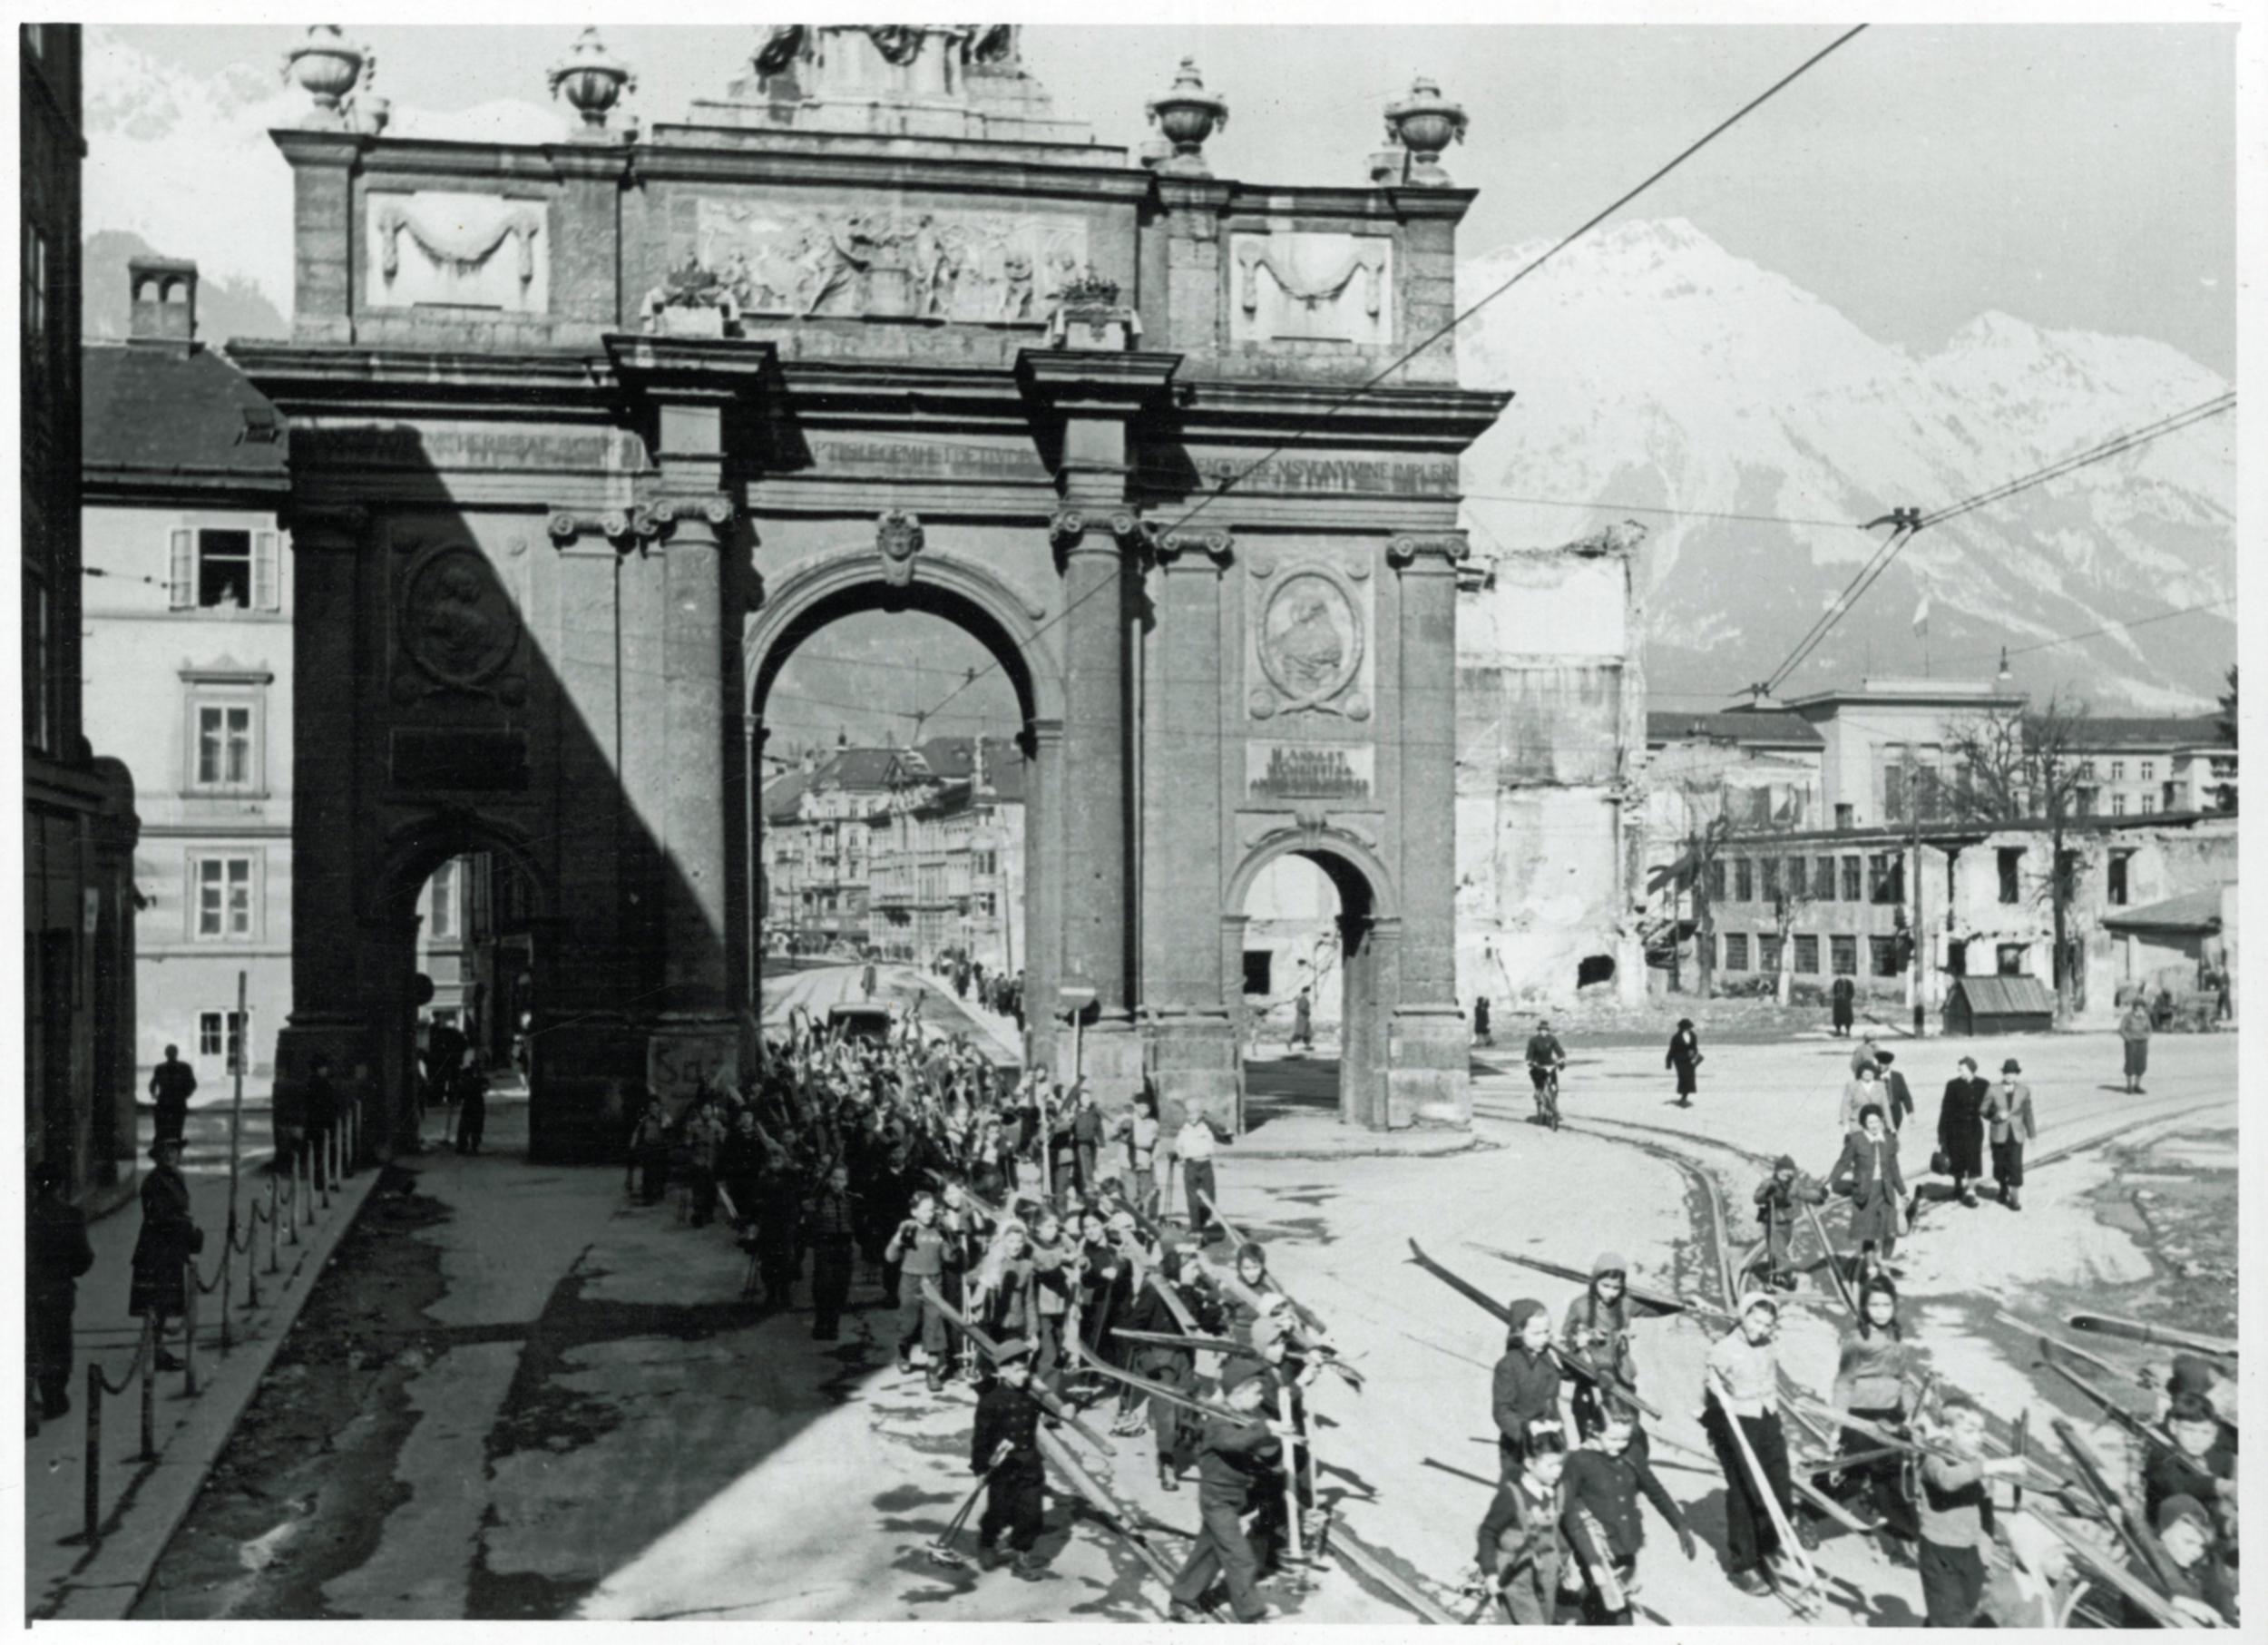 Innsbrucks Bewerbung Für Die Olympischen Winterspiele 1960, Teil 1